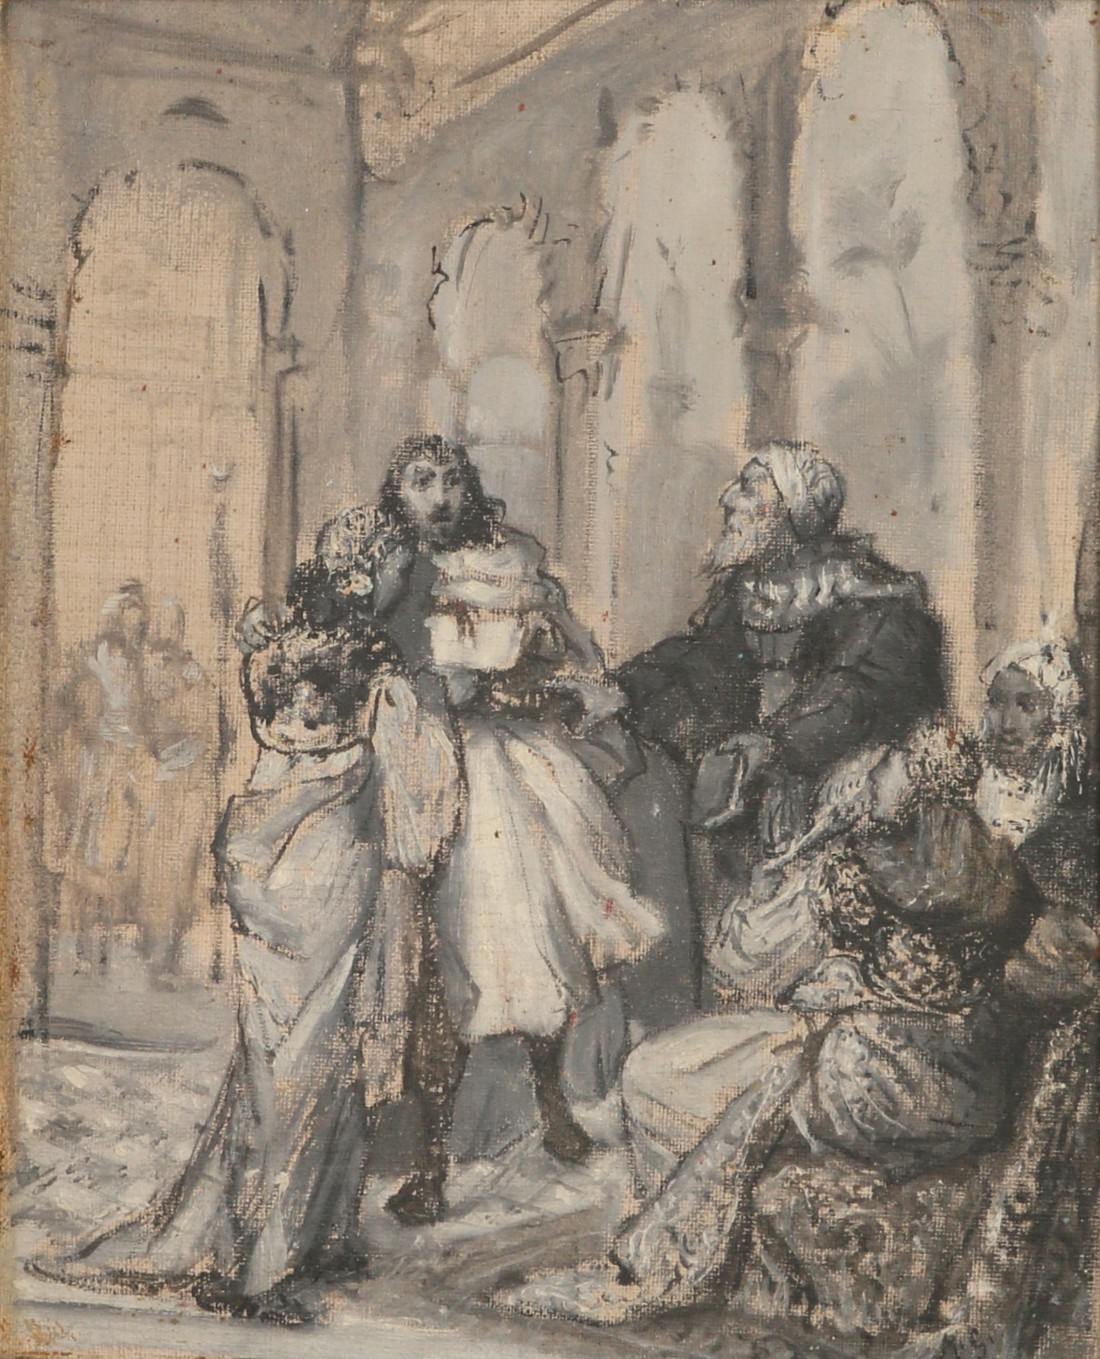 """Maurycy Gottlieb (1856-1879) """"Sittah, Sułtan i Natan (scena finałowa z """"Natana Mędrca"""")"""", źródło: Tiroche"""